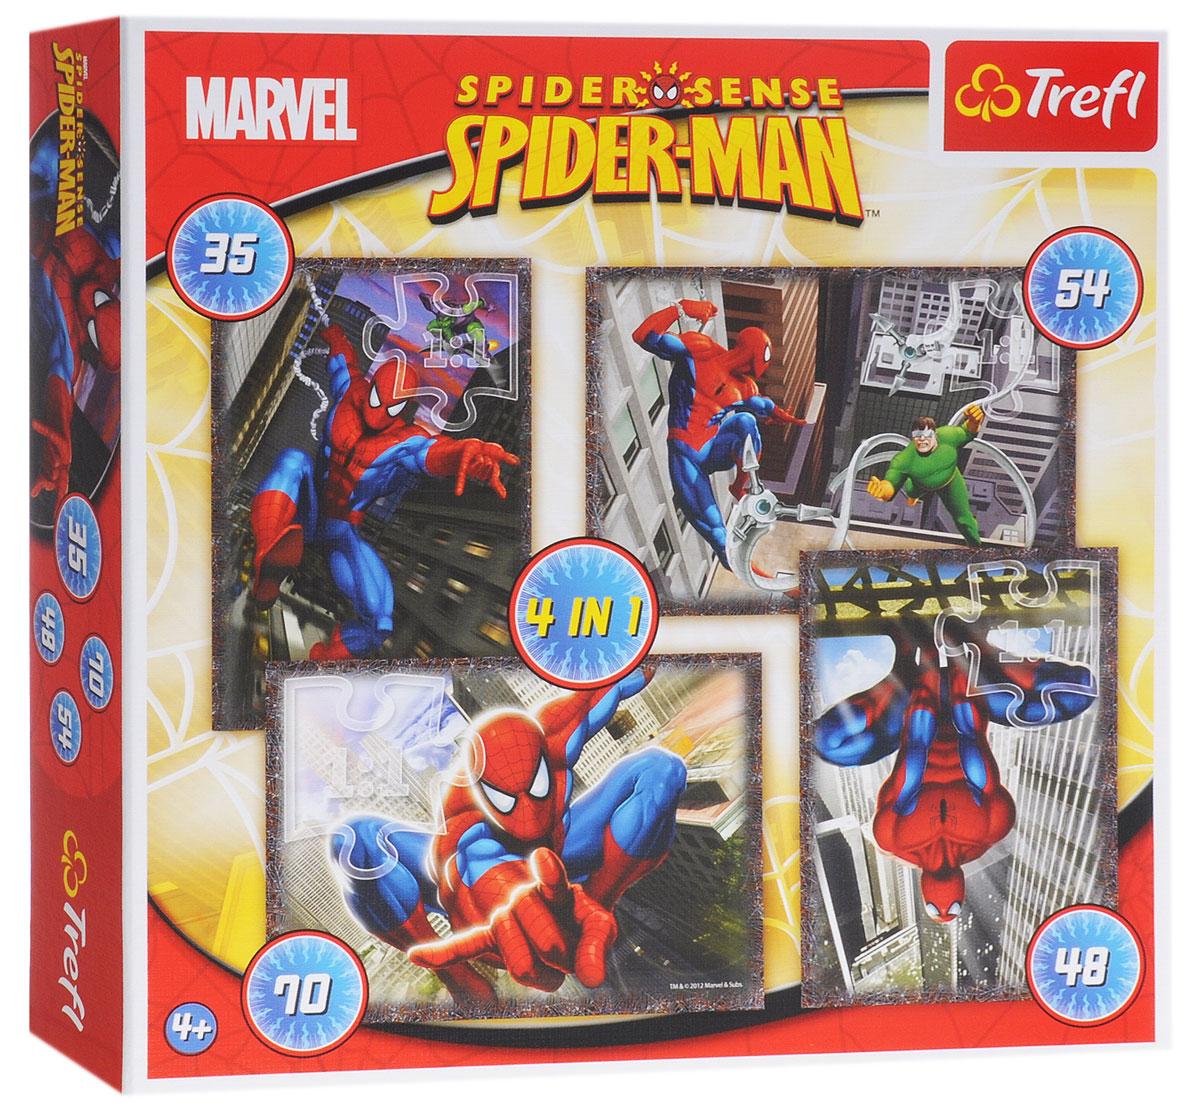 Trefl Пазл Человек-паук 4 в 134120Пазл Trefl Человек-паук 4 в 1 создан с любовью для маленьких любителей логических игр. Четкие яркие цвета, безопасные материалы и крепкая сцепка привлекут внимание ребенка и заинтересуют в сборке. С помощью этого набора ваш ребенок может собрать 4 картинки с изображением Человека-паука. В комплекте вы обнаружите 4 пазла, которые состоят из 35, 54, 70 и 48 элементов. Собирание пазла развивает у ребенка мелкую моторику рук, тренирует наблюдательность, логическое мышление, знакомит с окружающим миром, с цветом и разнообразными формами, учит усидчивости и терпению, аккуратности и вниманию.